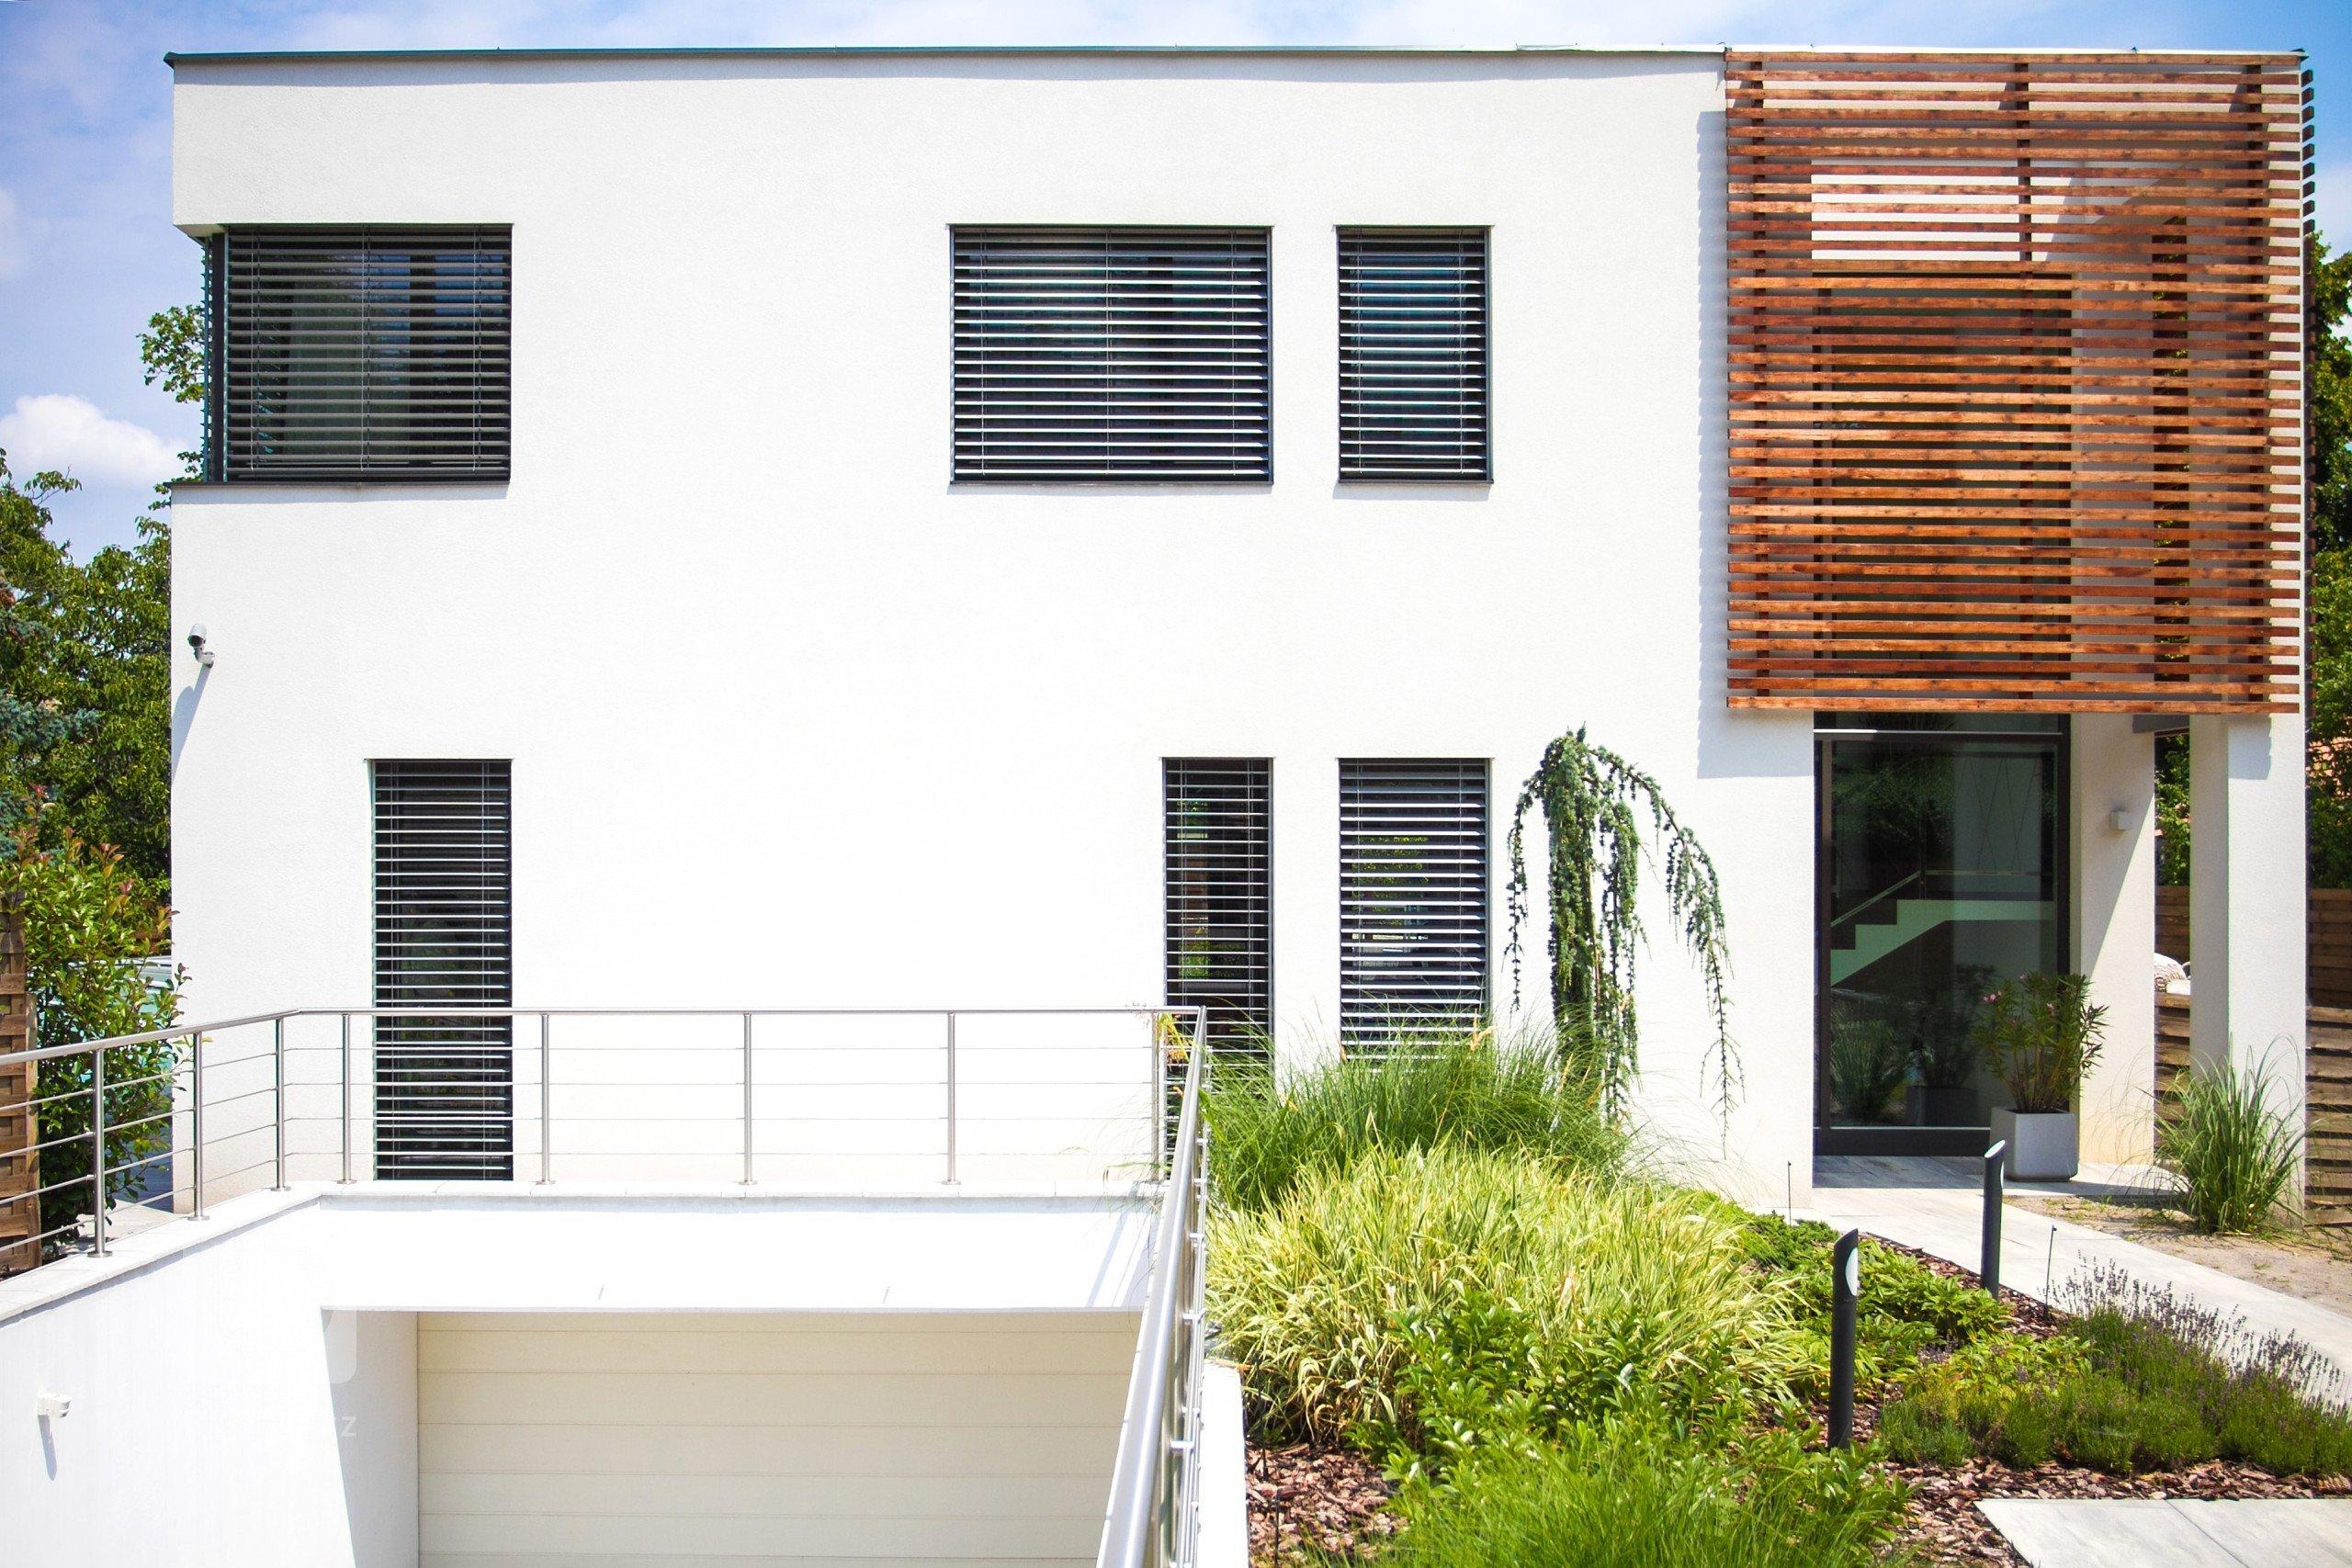 enkovní žaluzie NEVA v realizaci rodinné vilky v Maďarsku elegantně doplňují horizontální linie celého domu. Funkcionalisticky strohý tvar žaluzií Z-90 se…